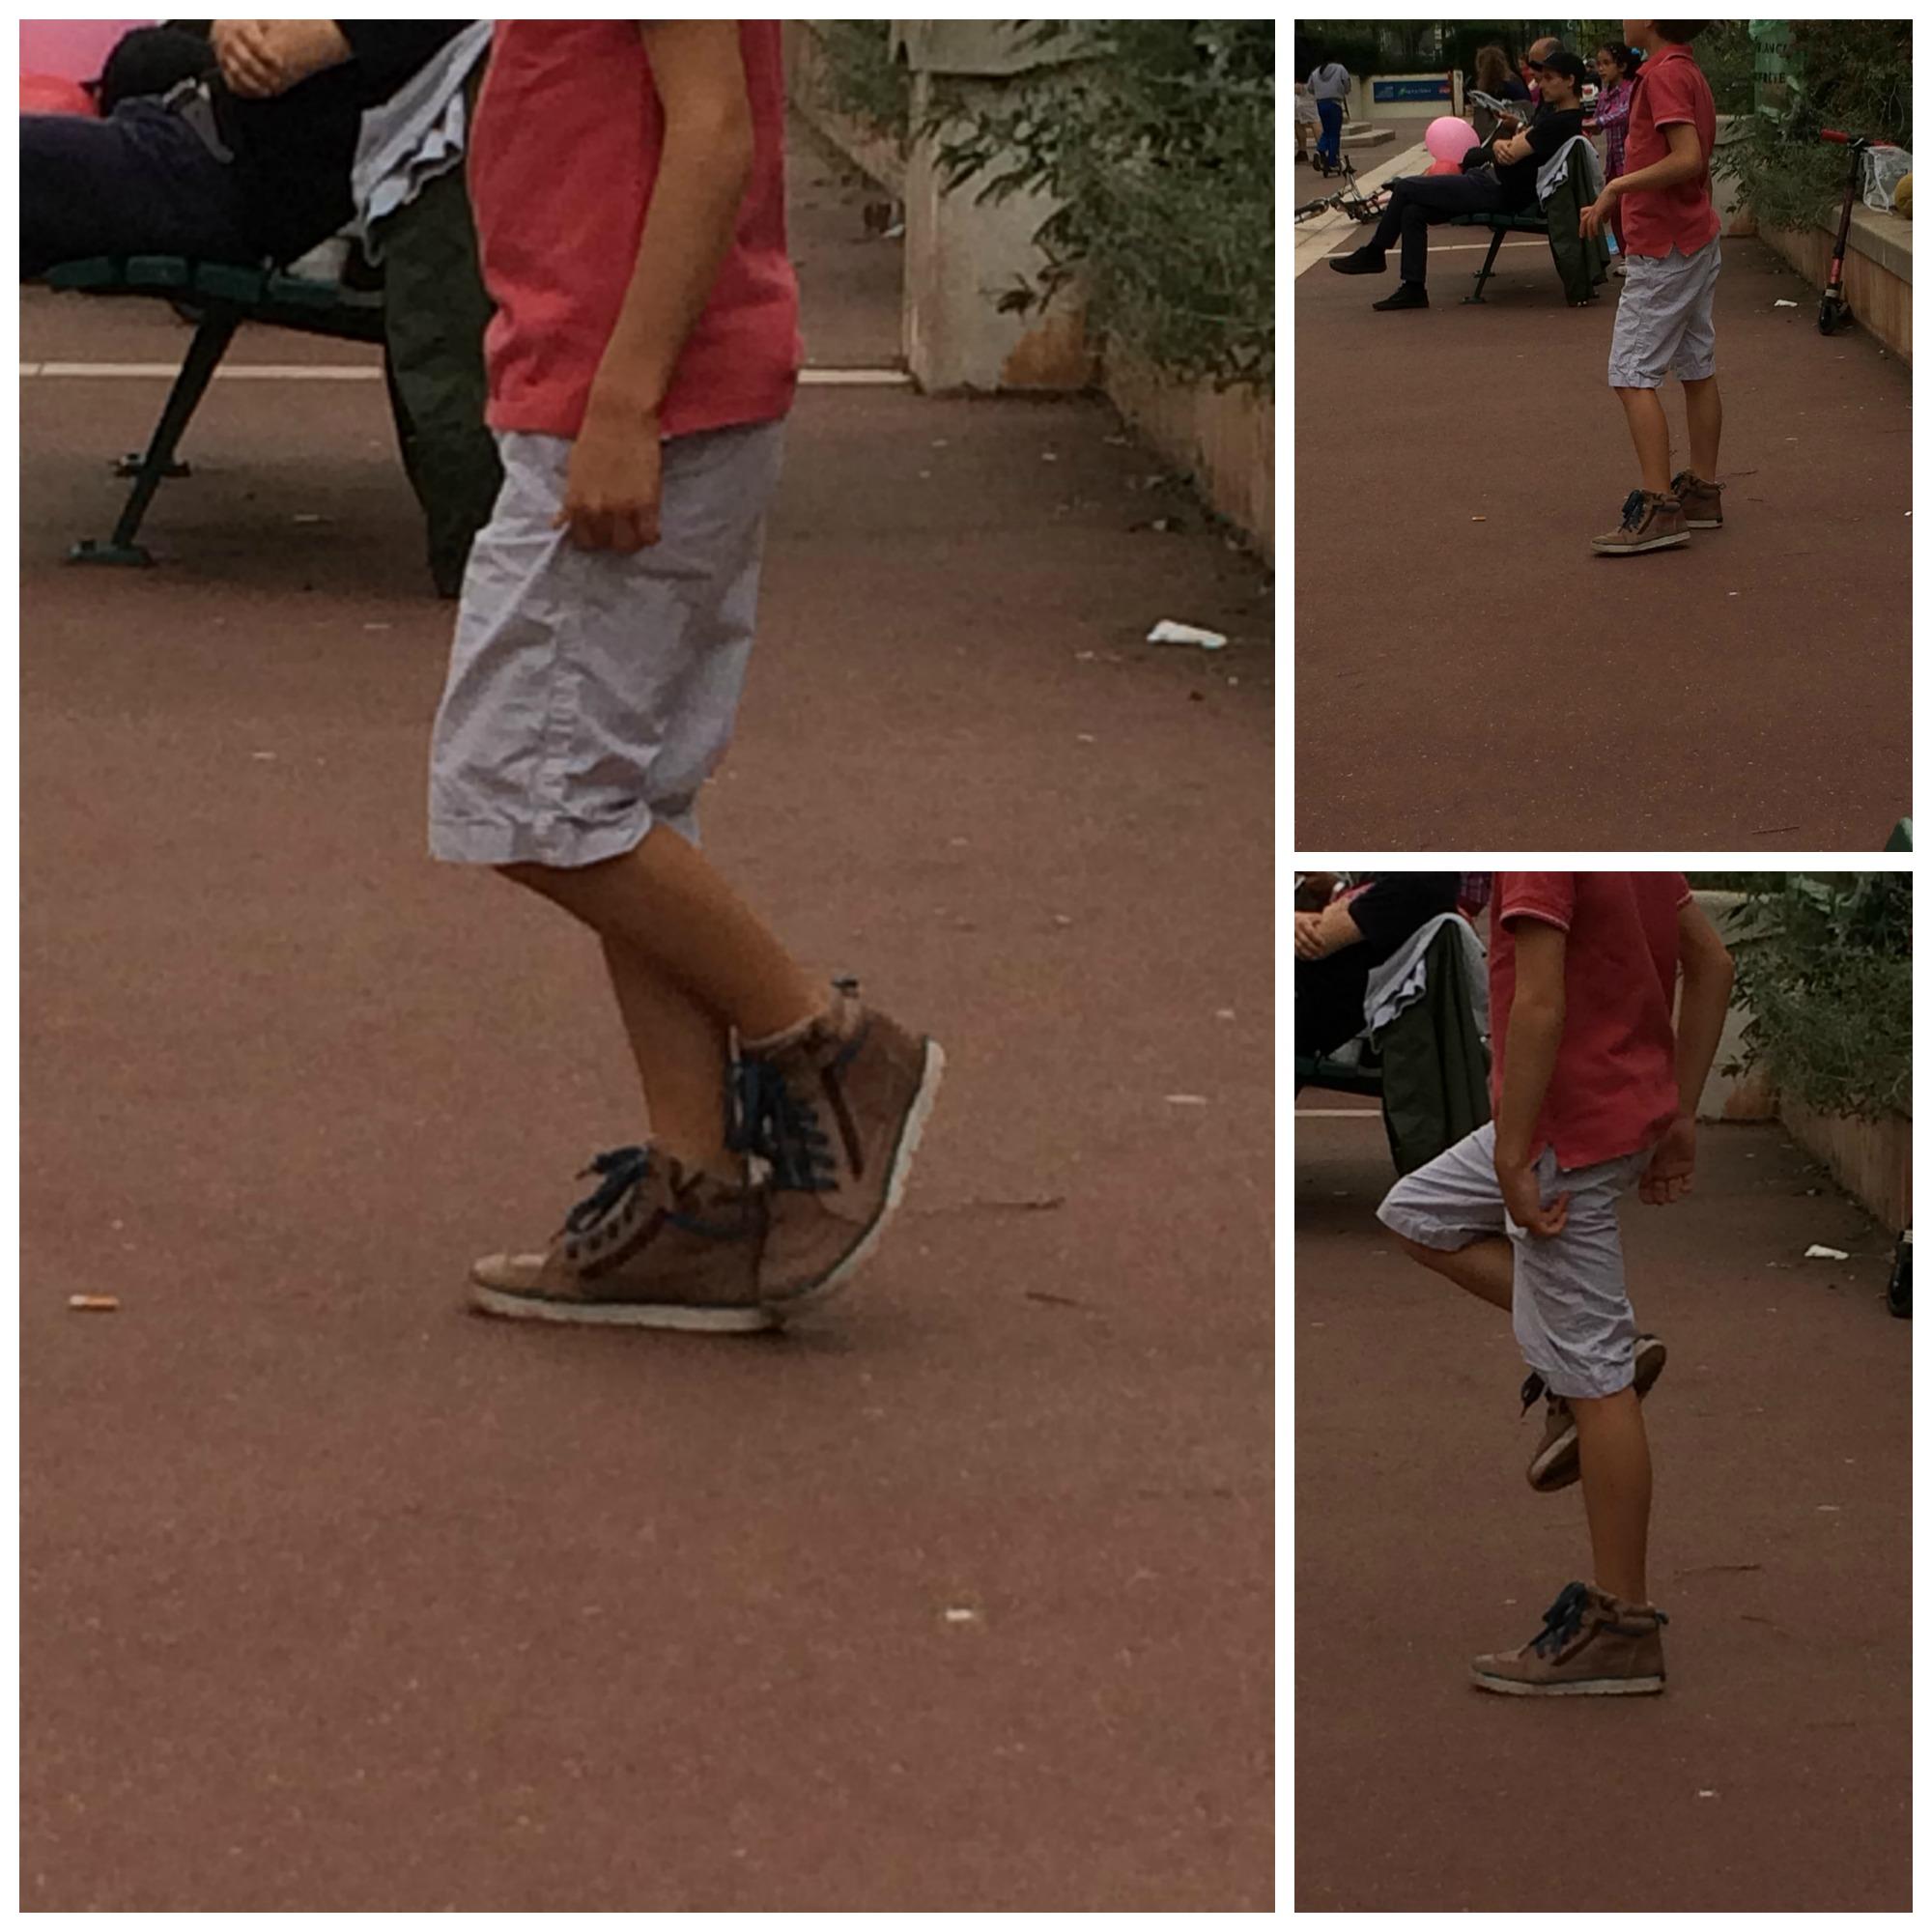 Sur D'enfants Pour Mesure Mon ÉcolierExpressions Chaussures NoëlDes c3RA4jq5L